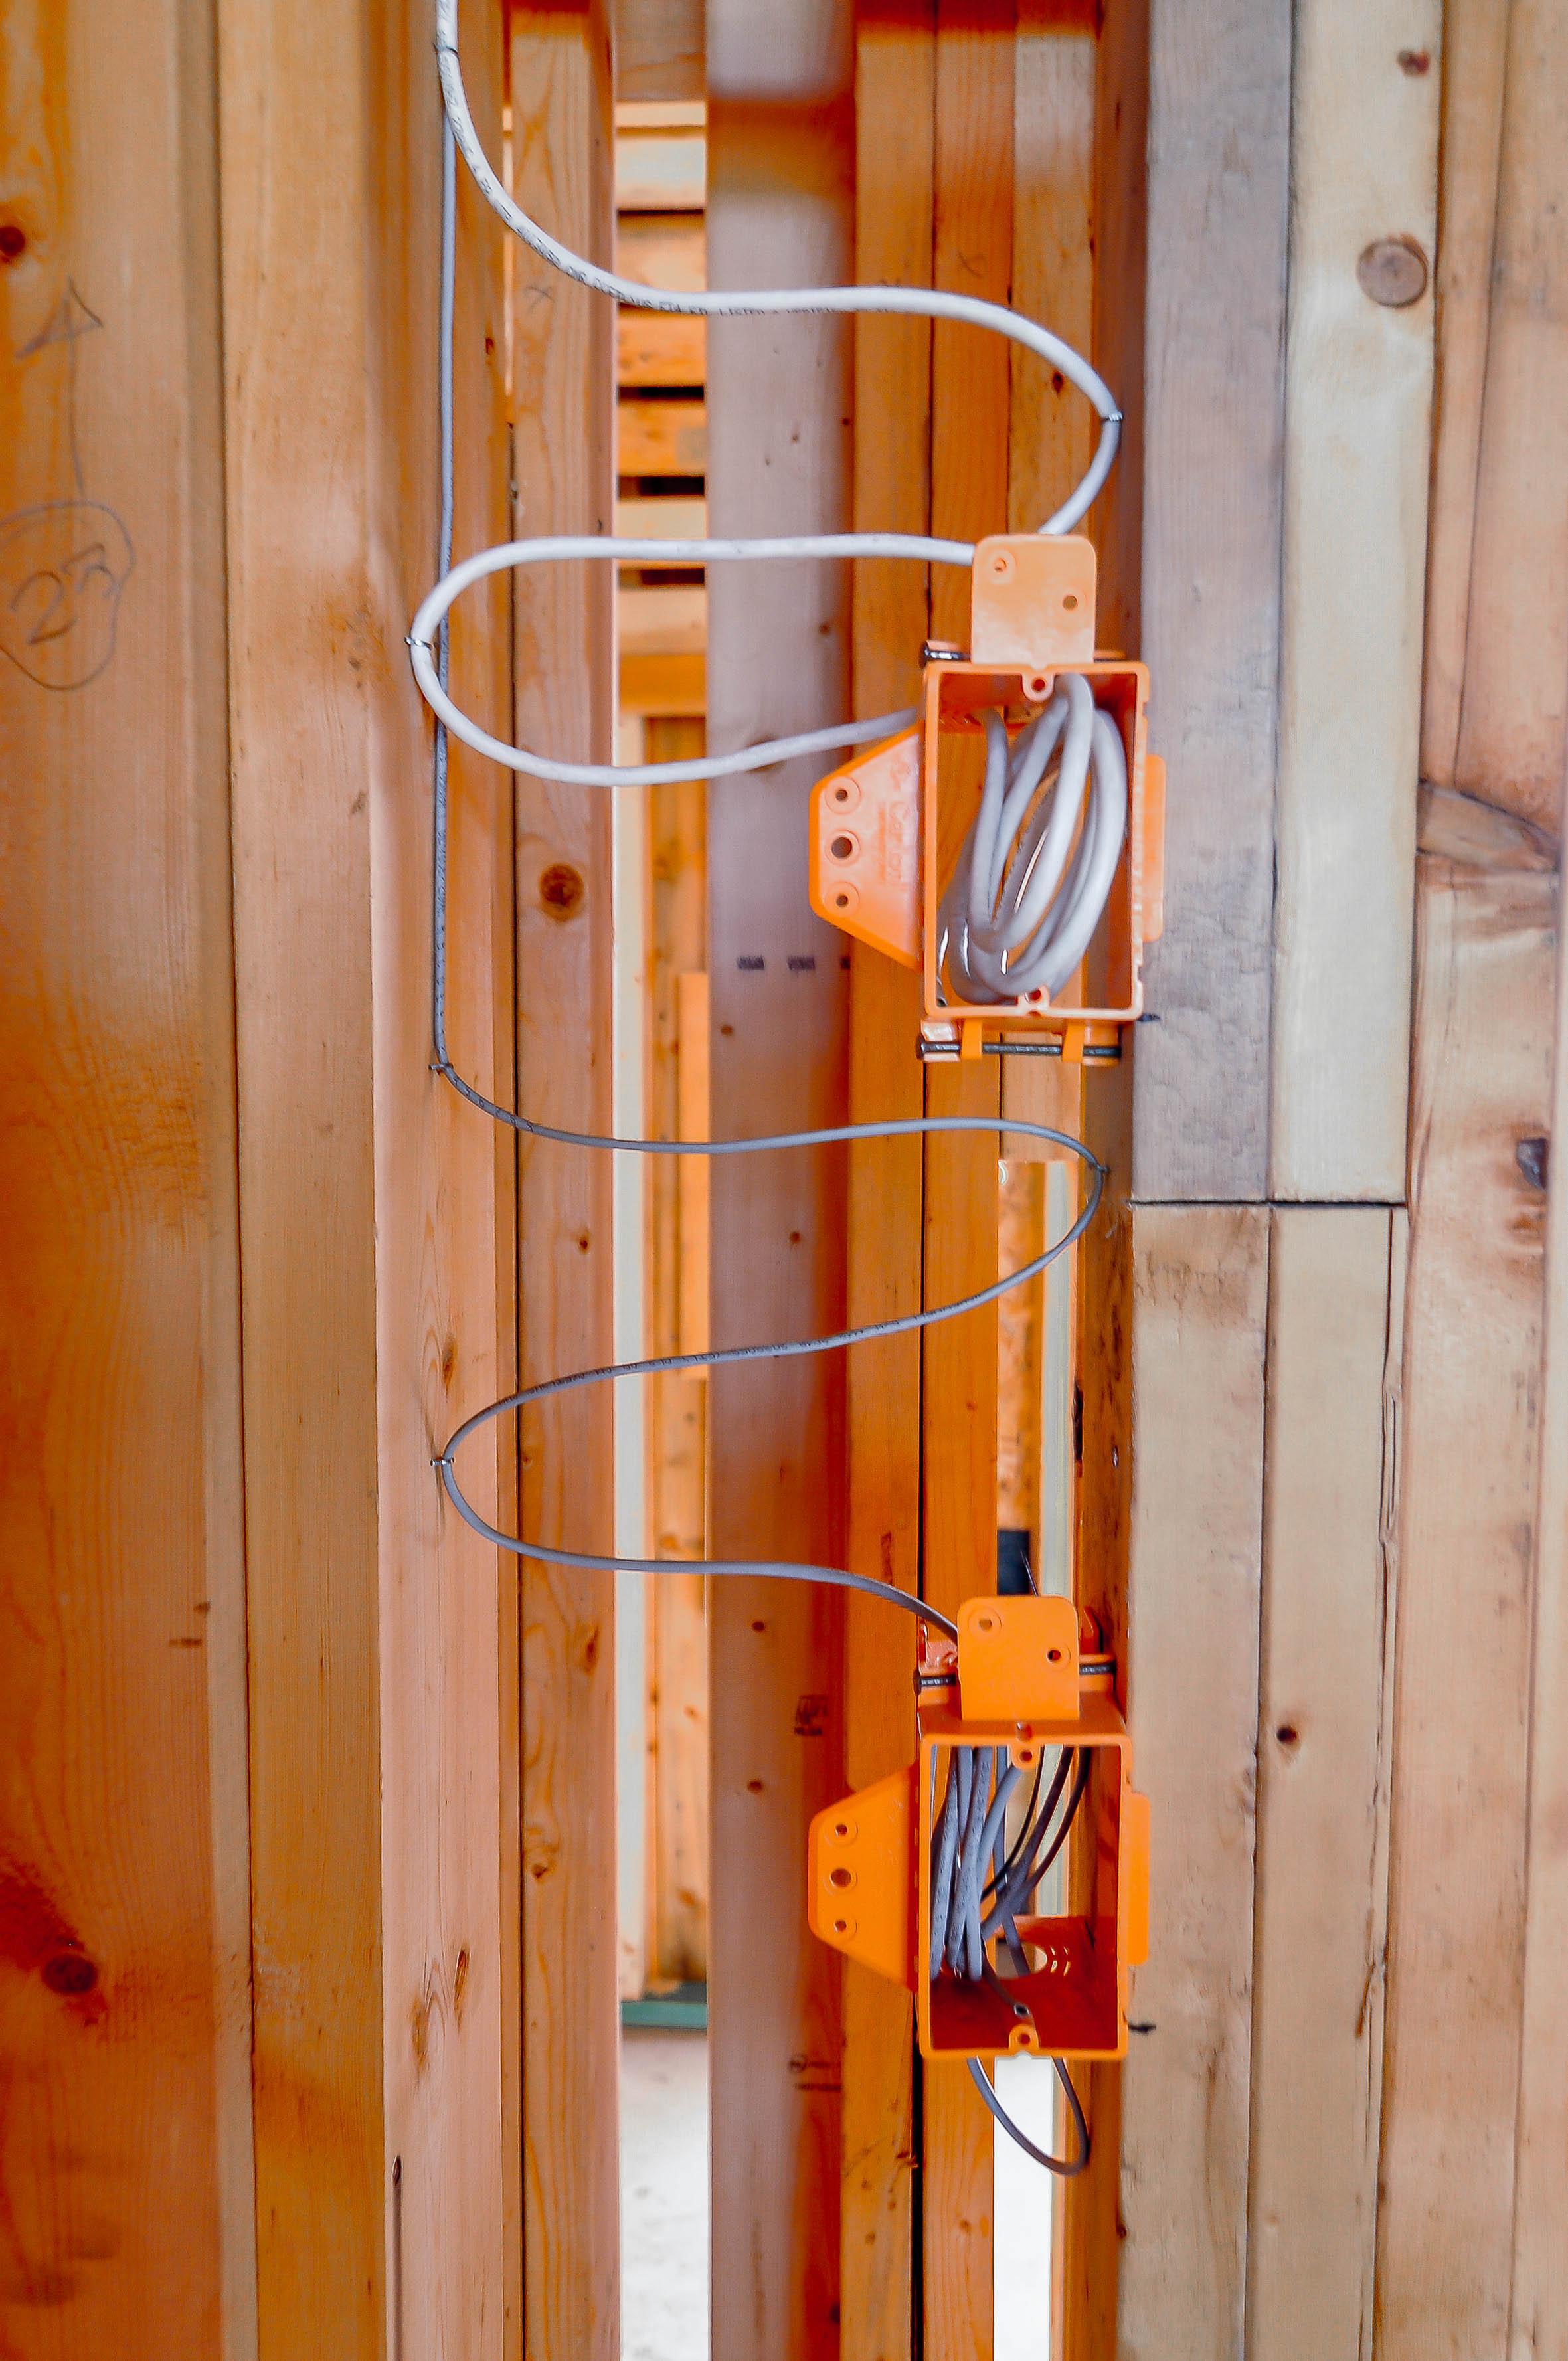 Austin Spanish Oaks Prewire Stuctured wiring.jpg